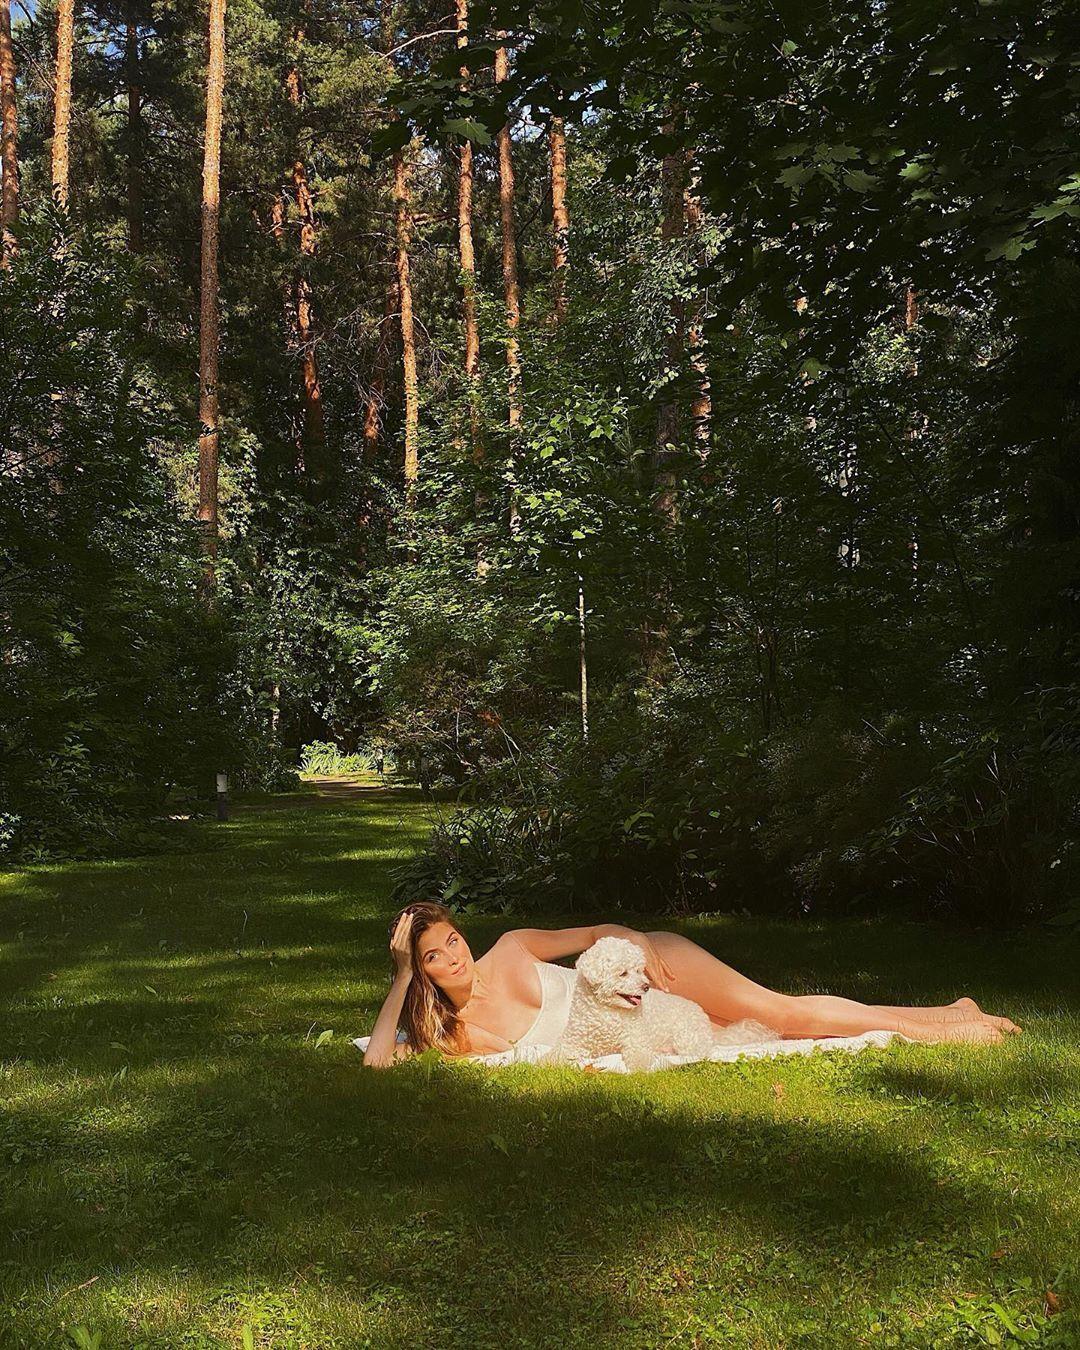 Соня Евдокименко в откровенном купальнике (Instagram Сони Евдокименко)